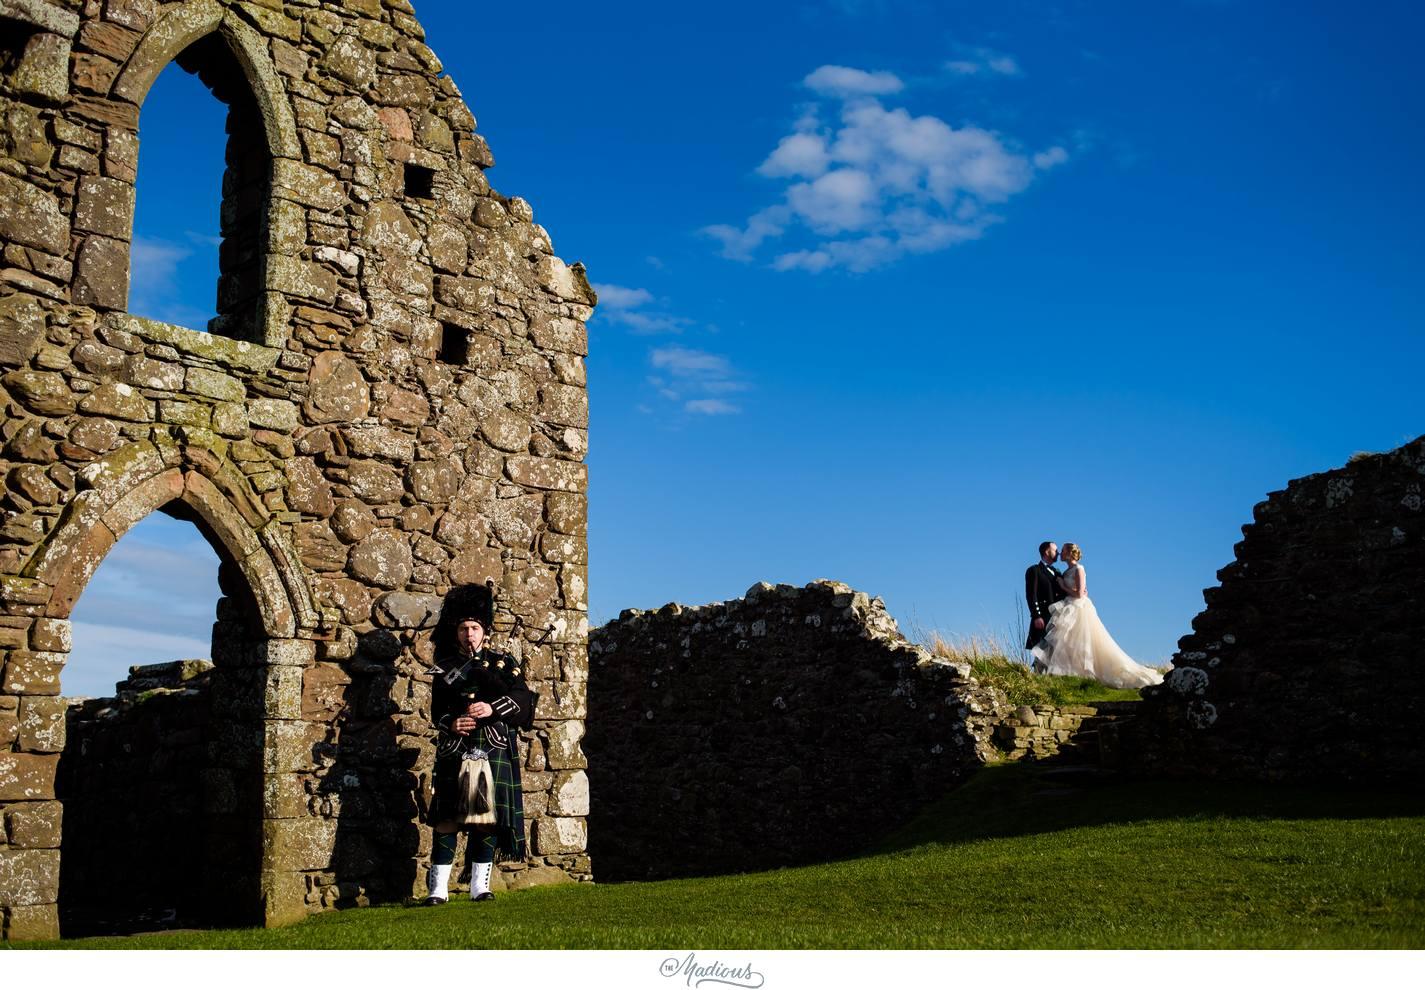 Balbegno_Dunnotar_Castle_Scottland_Wedding_03.jpg